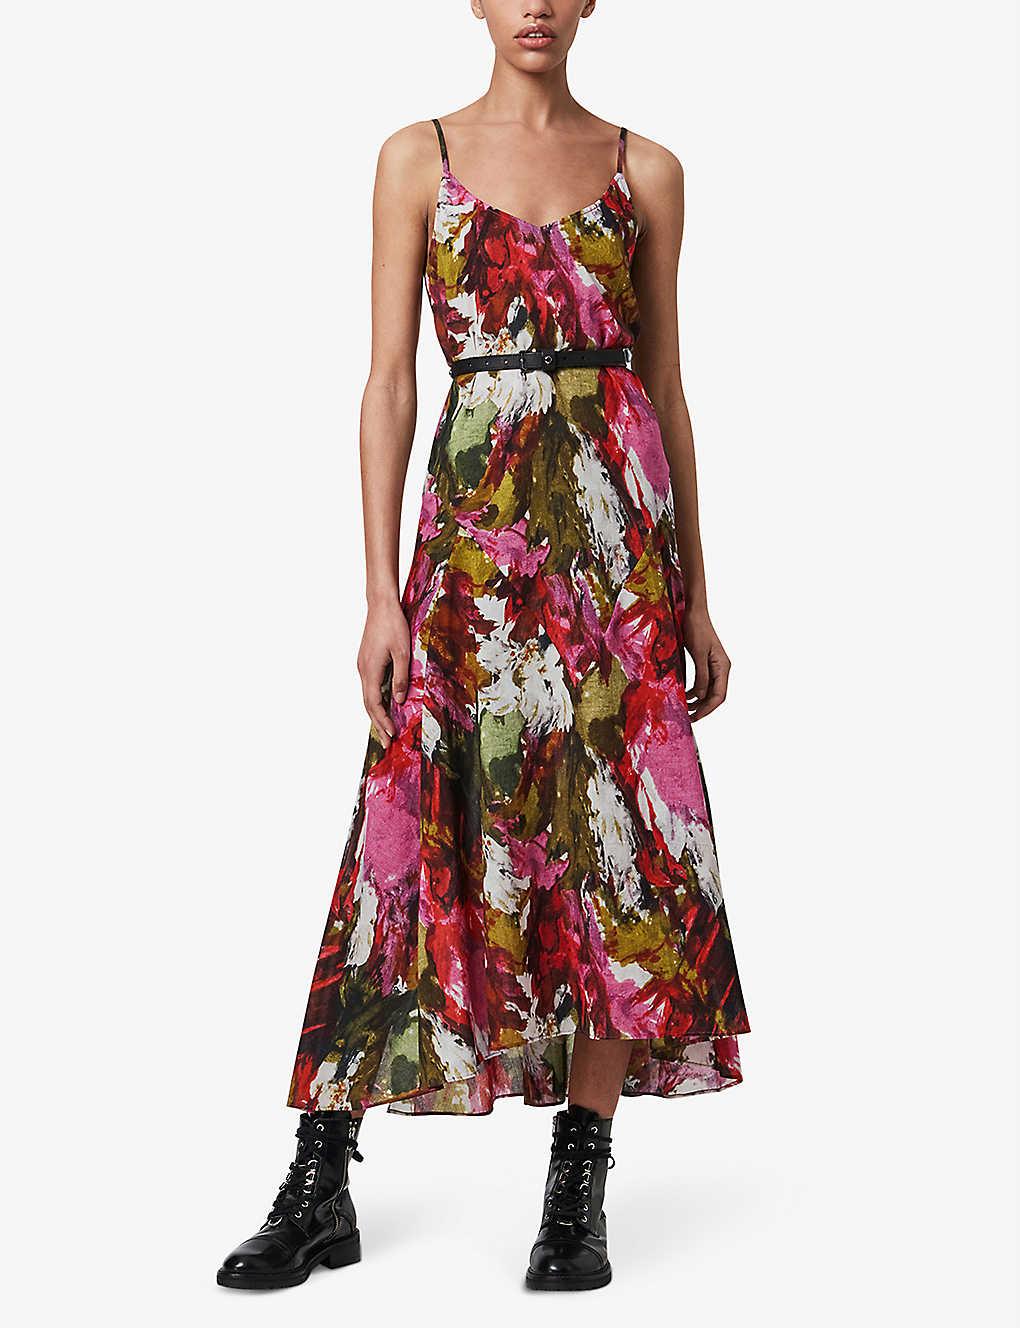 ALLSAINTS Essie Expressive Floral Cotton Maxi Dress